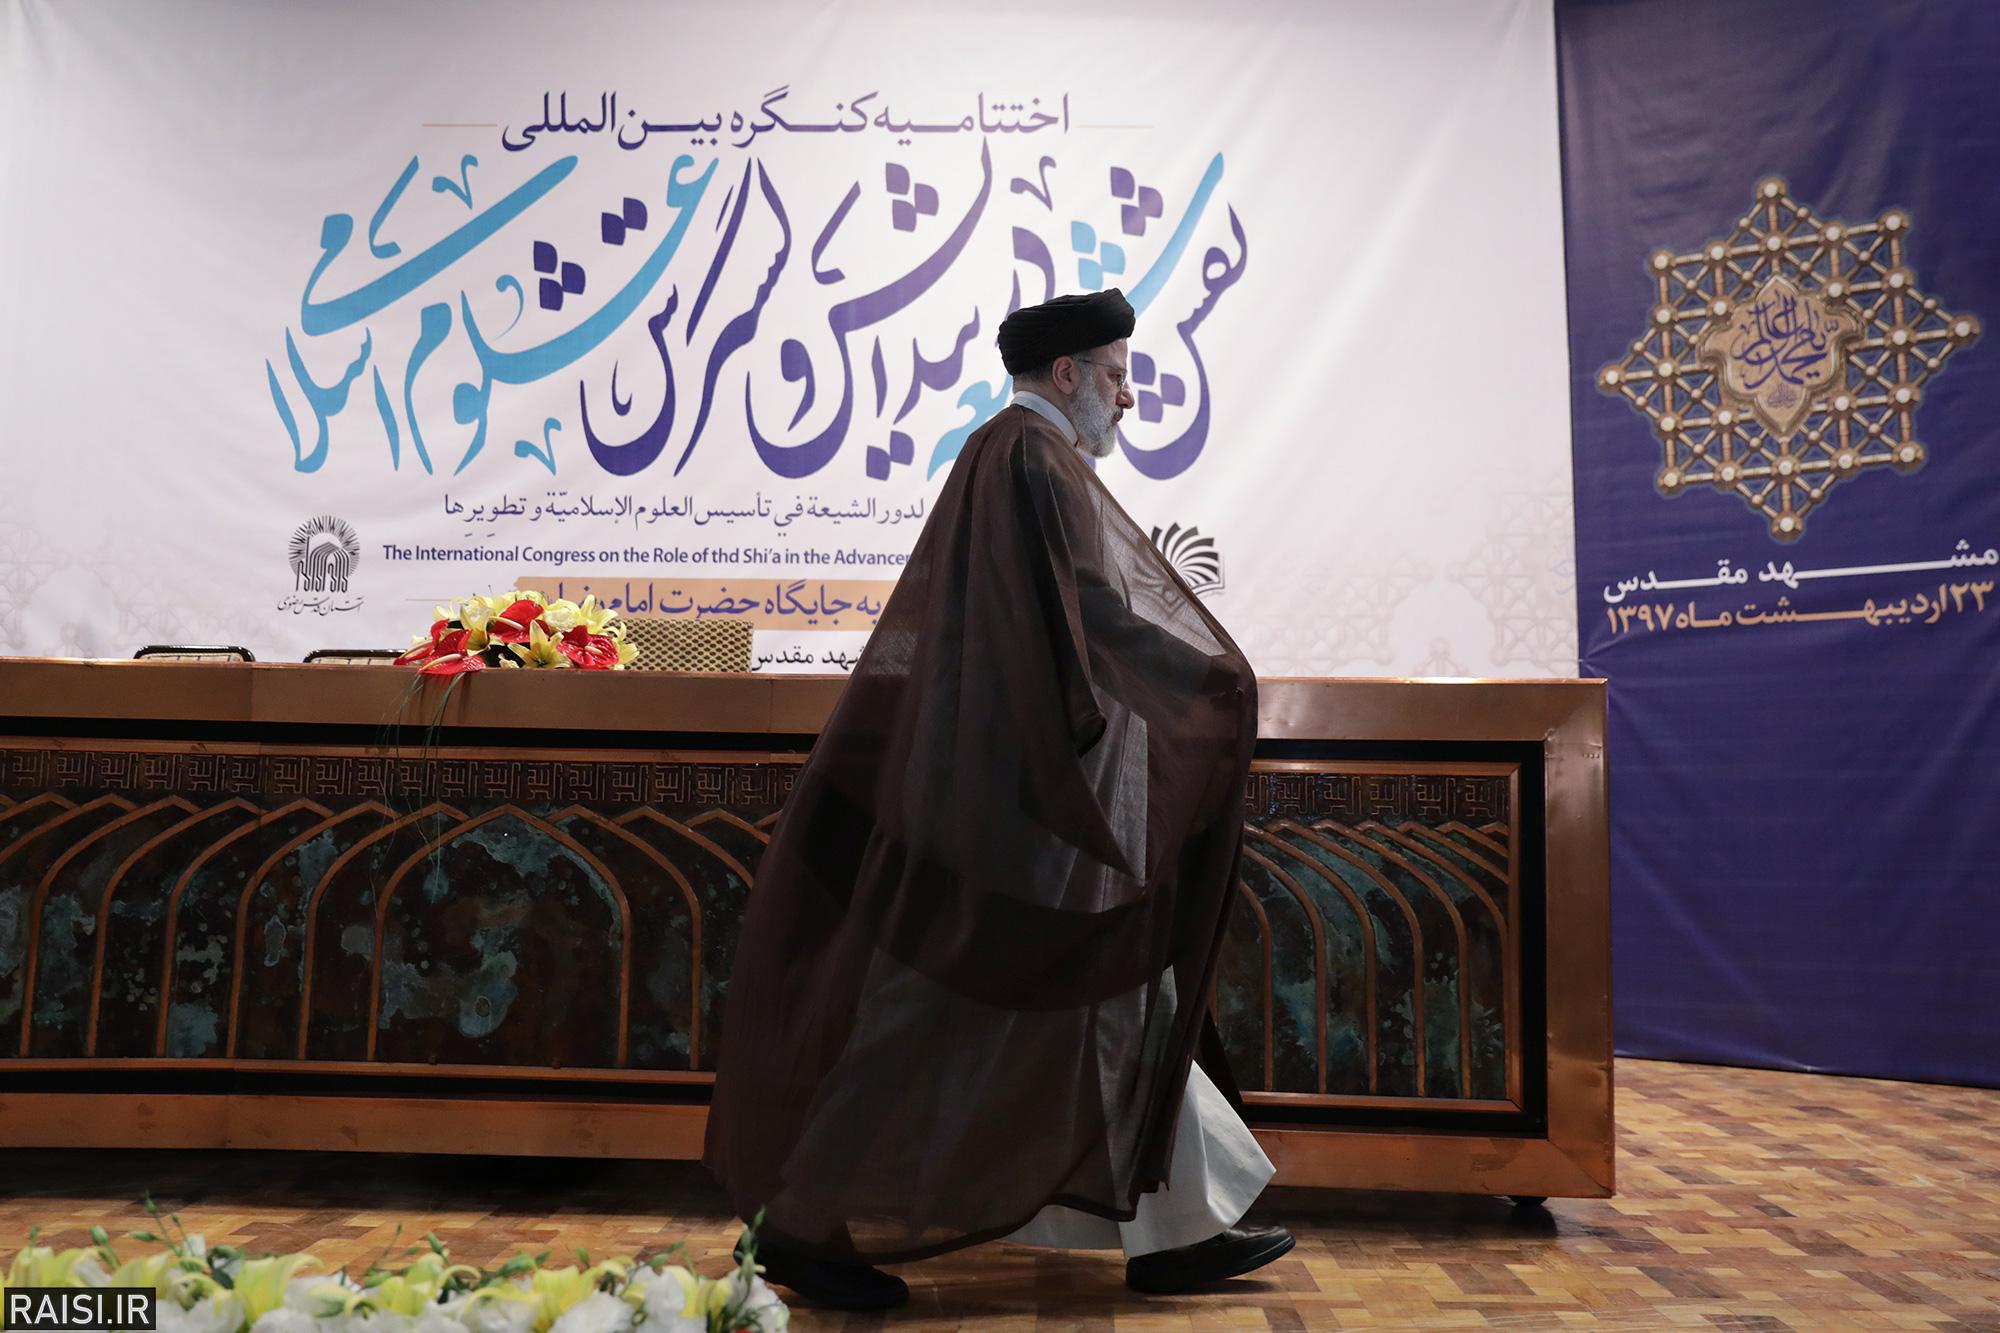 اختتامیه کنگره «نقش شیعه در پیدایش و گسترش علوم اسلامی»